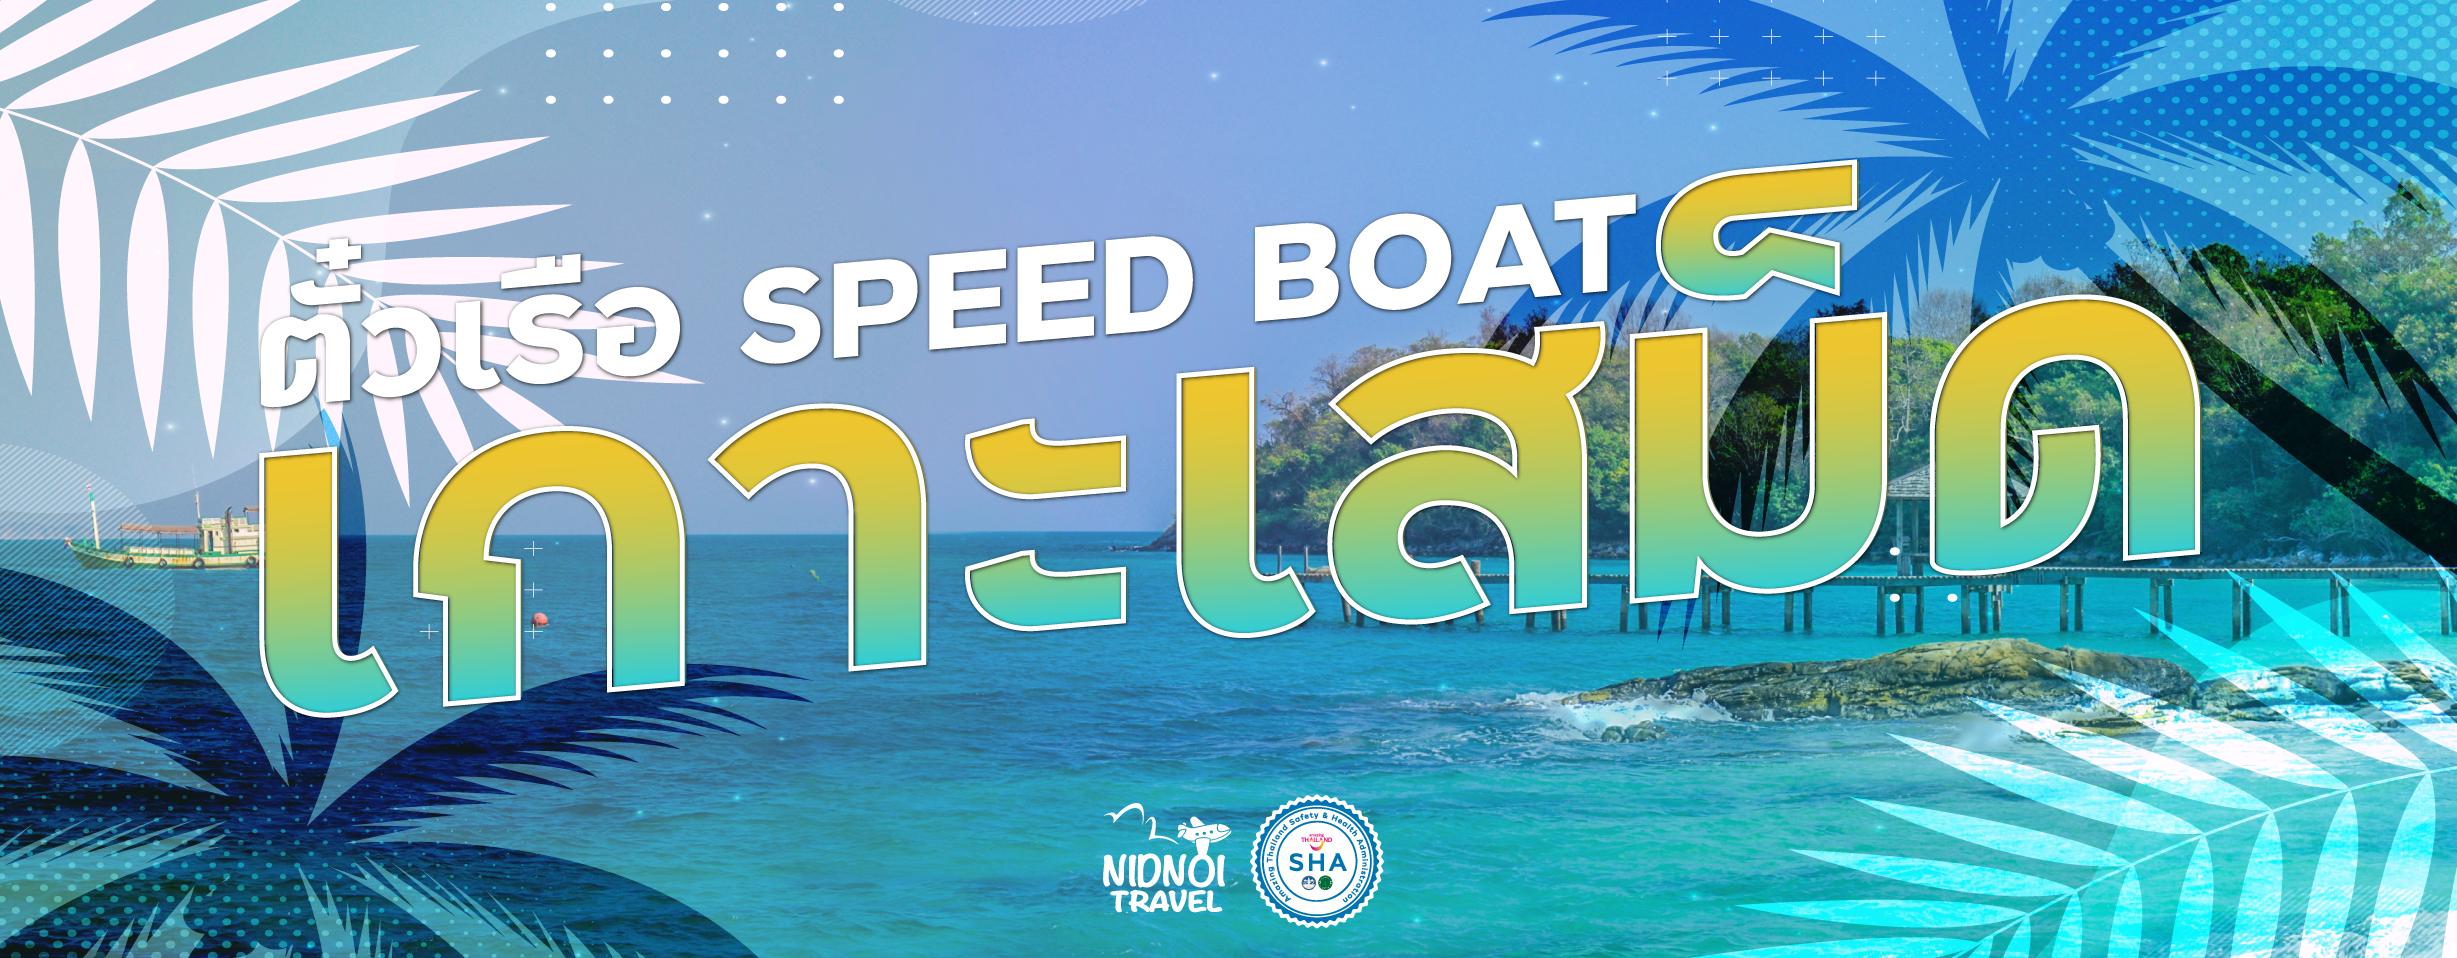 เกาะเสม็ด ตั๋วเรือ Speed Boat ไป-กลับ